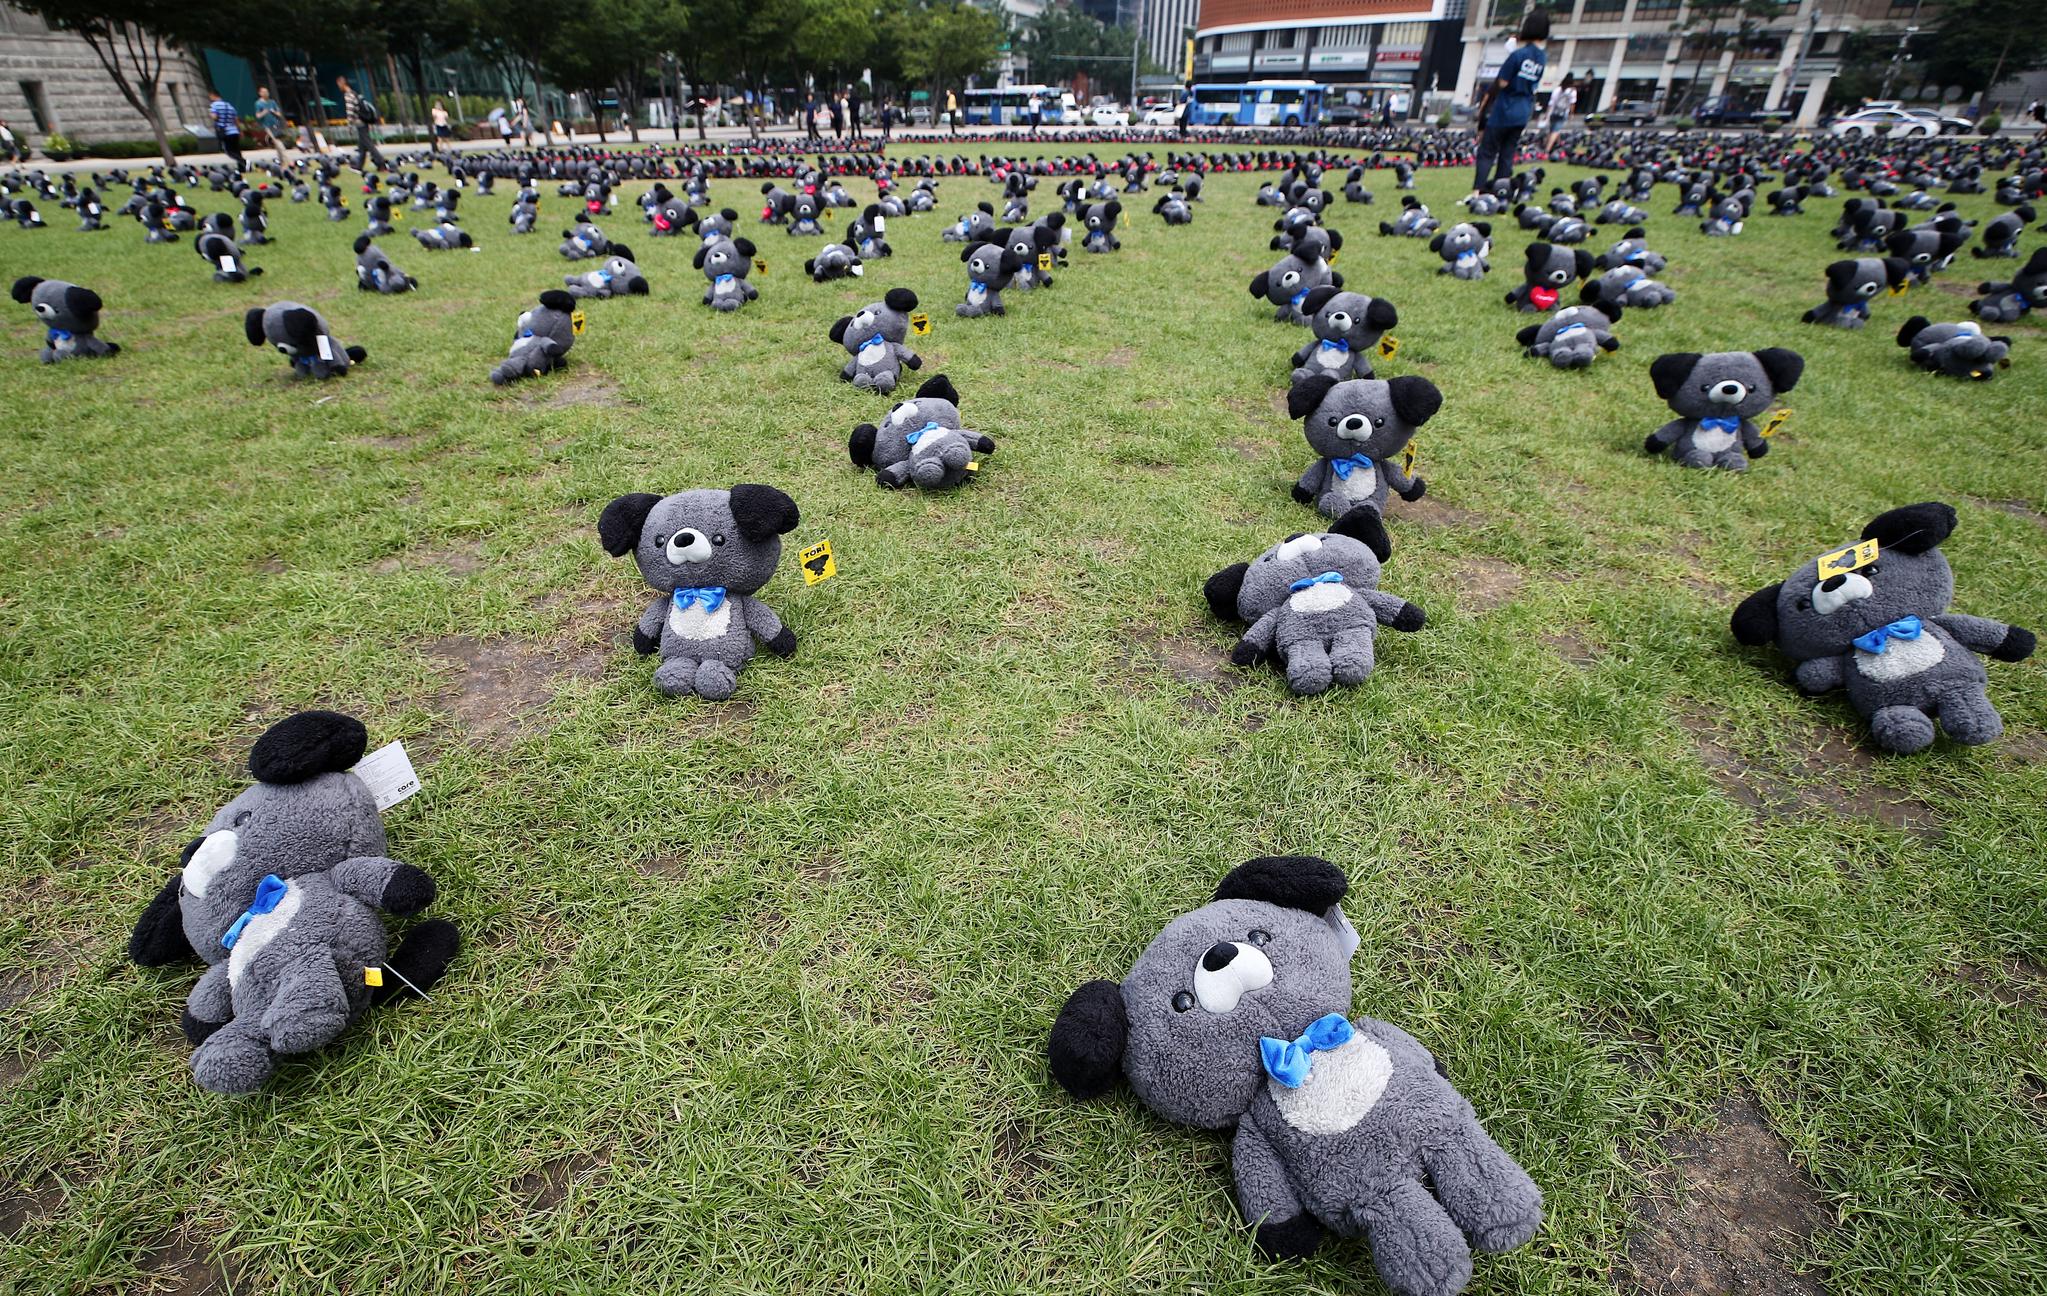 지난해 7월 17일 동물권단체 케어가 주최한 행사에 전시된 문재인 대통령의 반려견 '토리' 인형들. [연합뉴스]